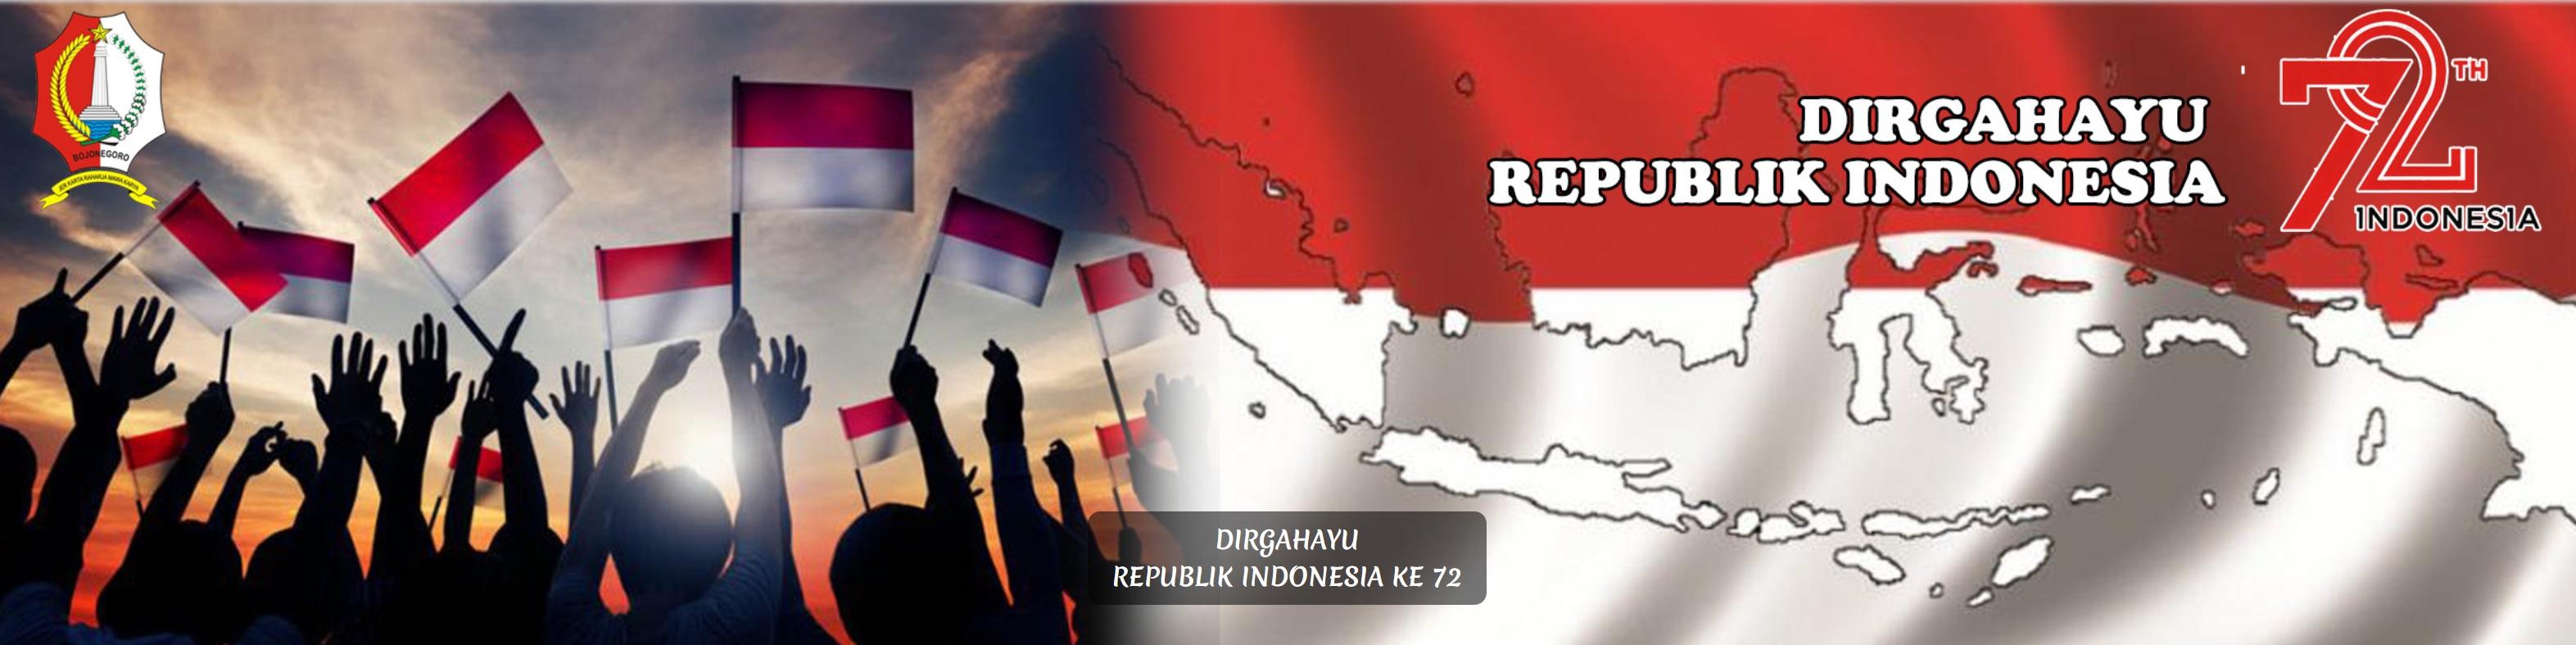 DIRGAHAYU REPUBLIK INDONESIA<BR>KE-72